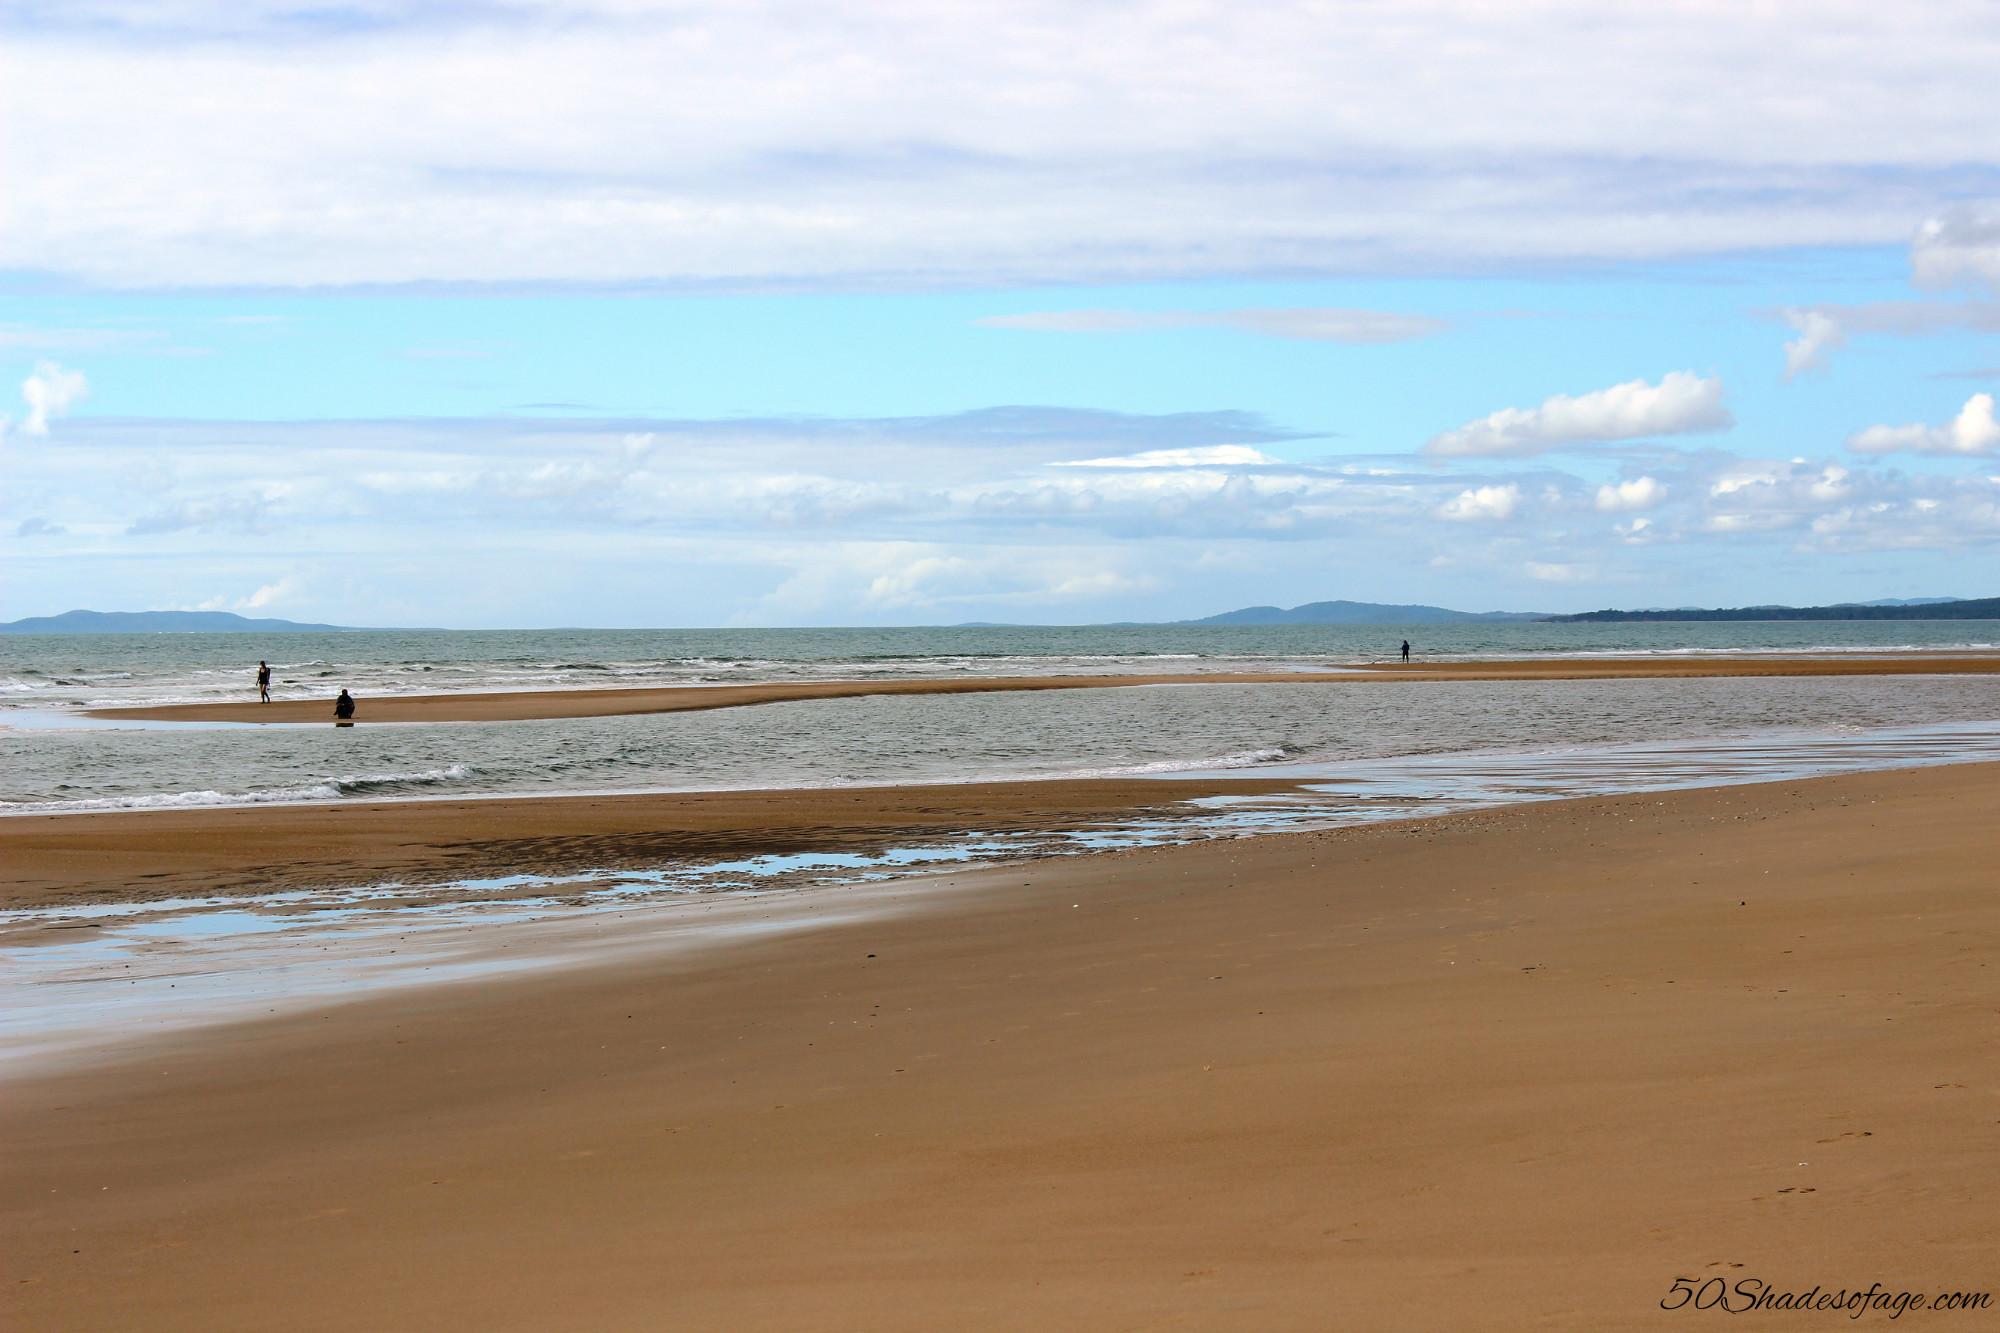 Beach Shades South Australia